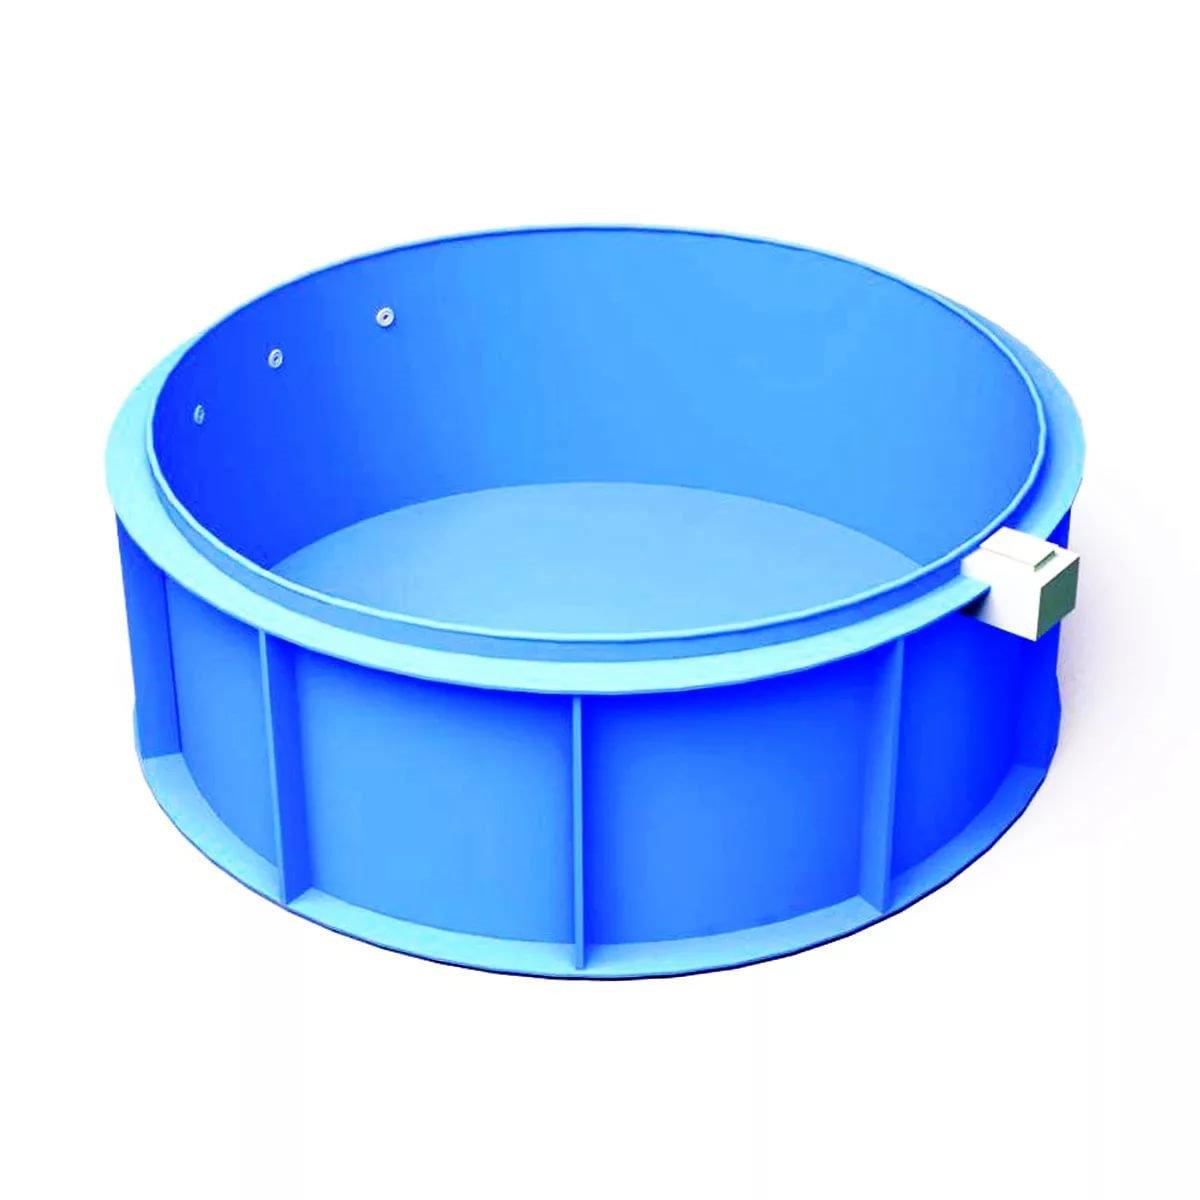 Полипропиленовый бассейн круглый Laguna 2 (стандарт)